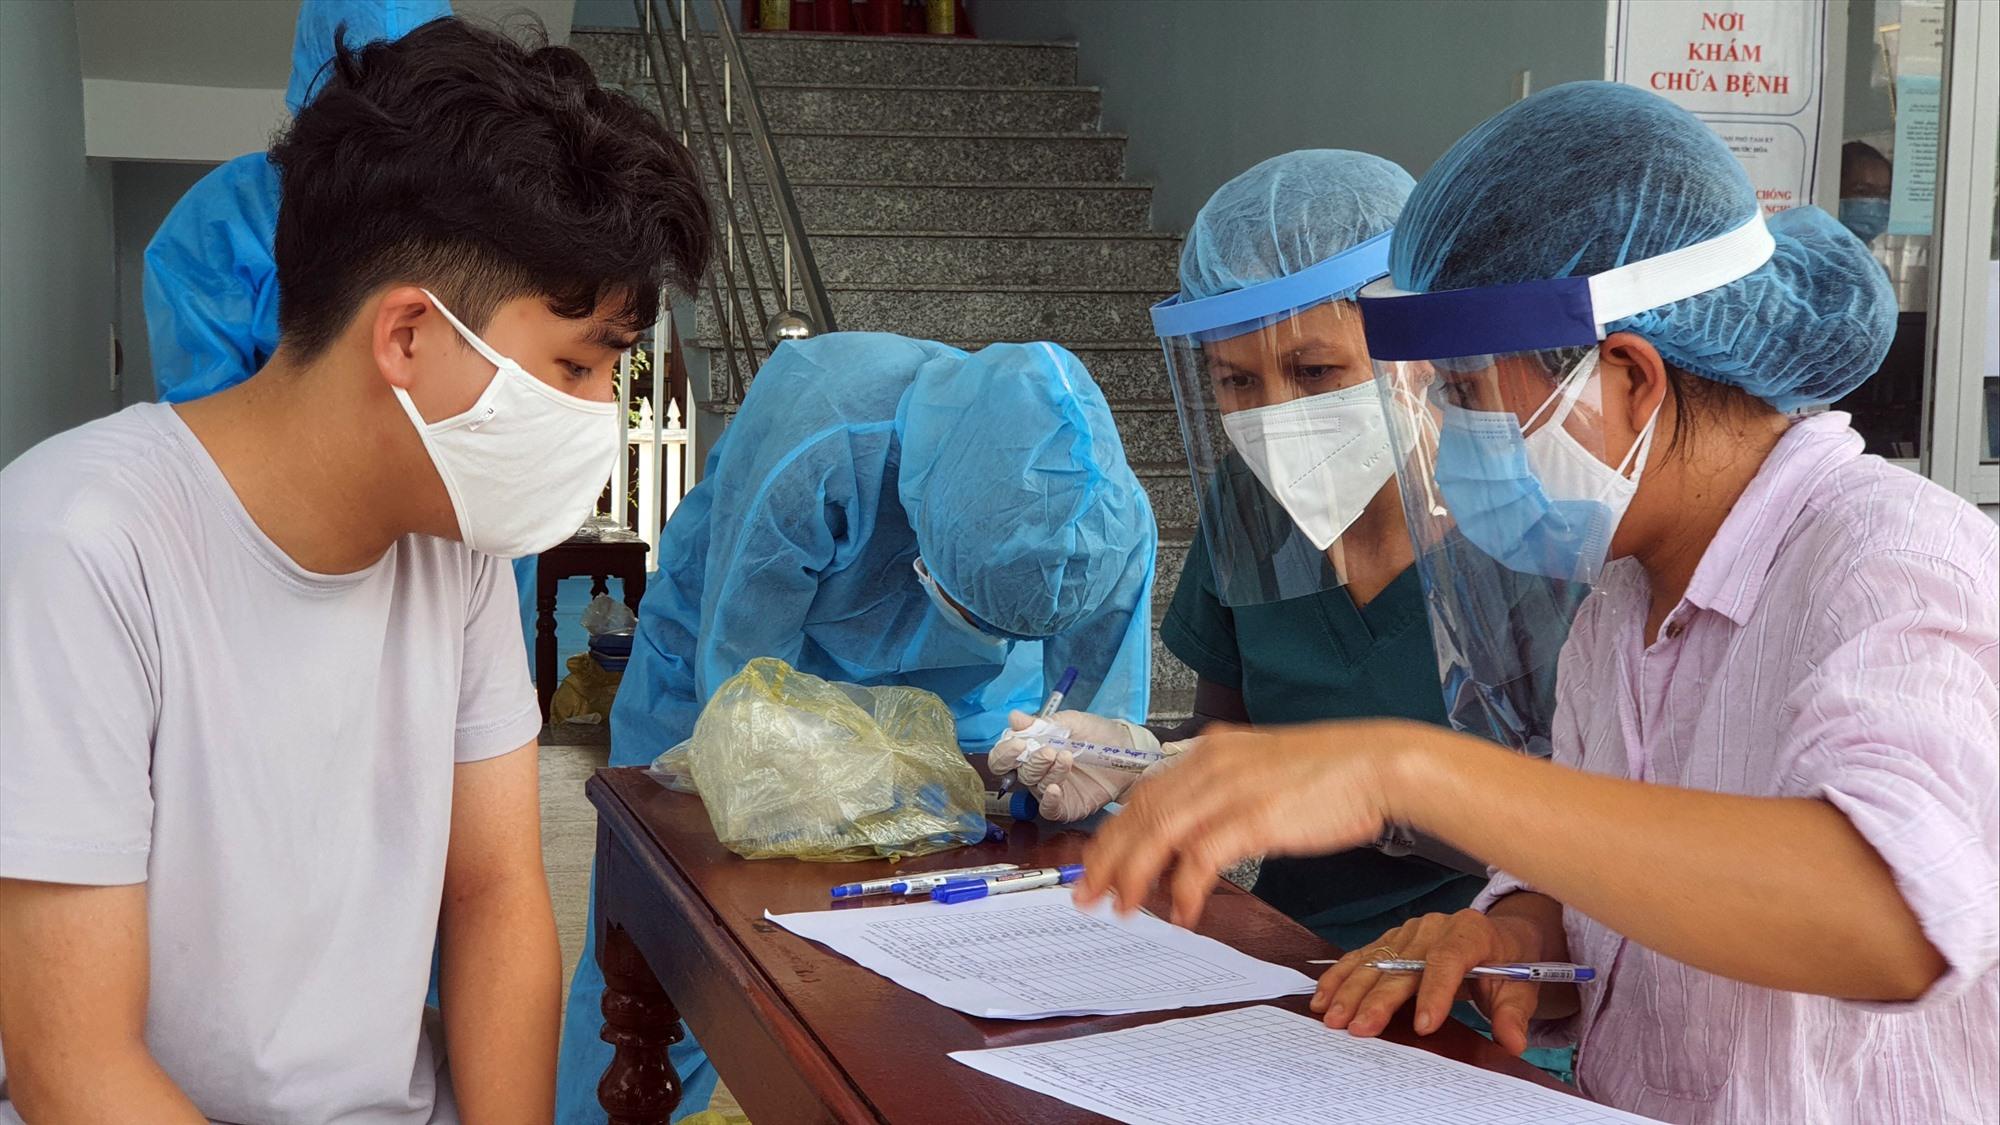 Người dân đang cách ly tại nhà được đưa đến lấy mẫu tại trạm y tế phường. Ảnh: X.H